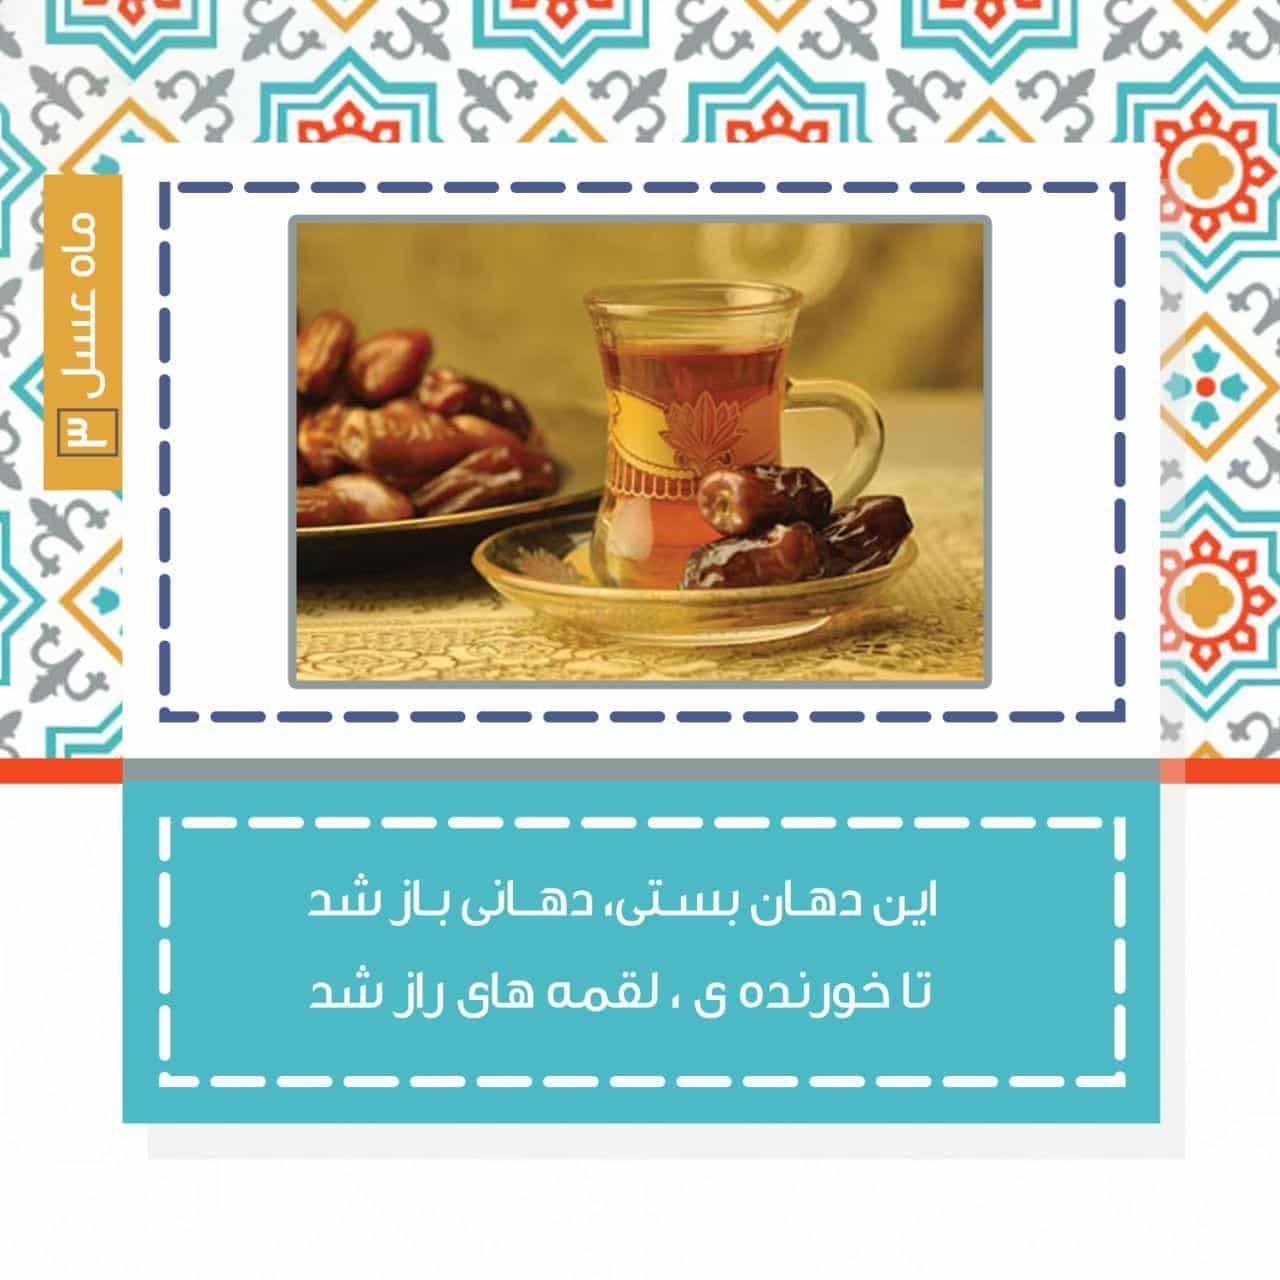 ramazan sound shojaee 3 - دانلود سخنرانی ماه رمضان استاد شجاعی